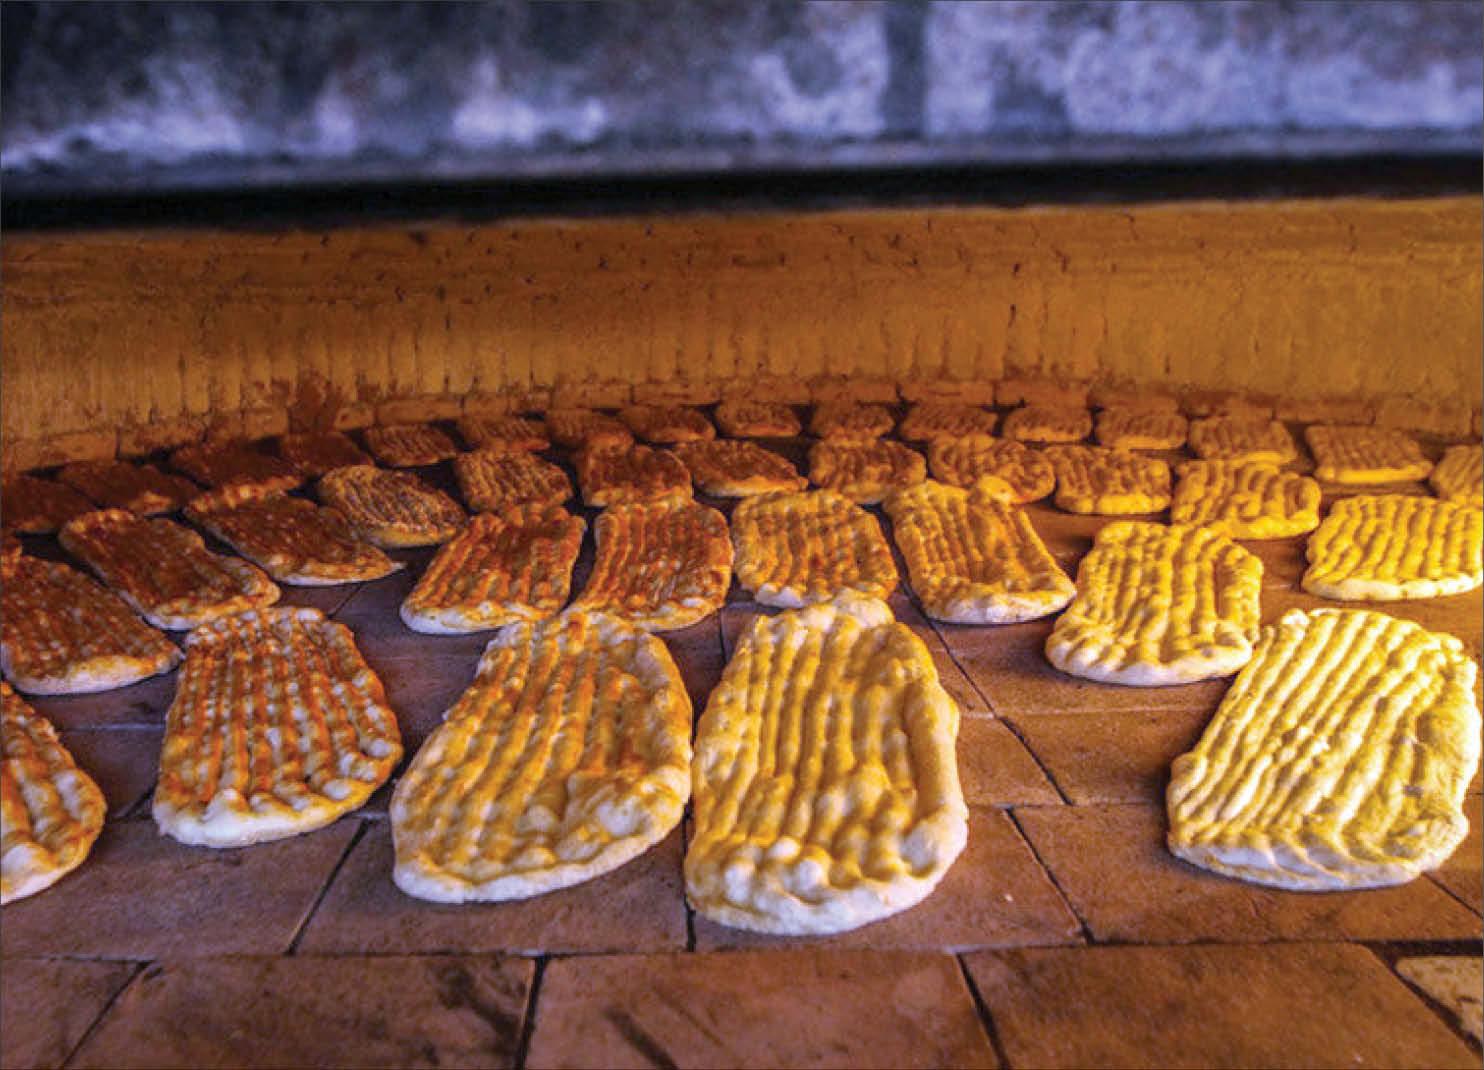 تصمیمی برای افزایش قیمت نان نداریم